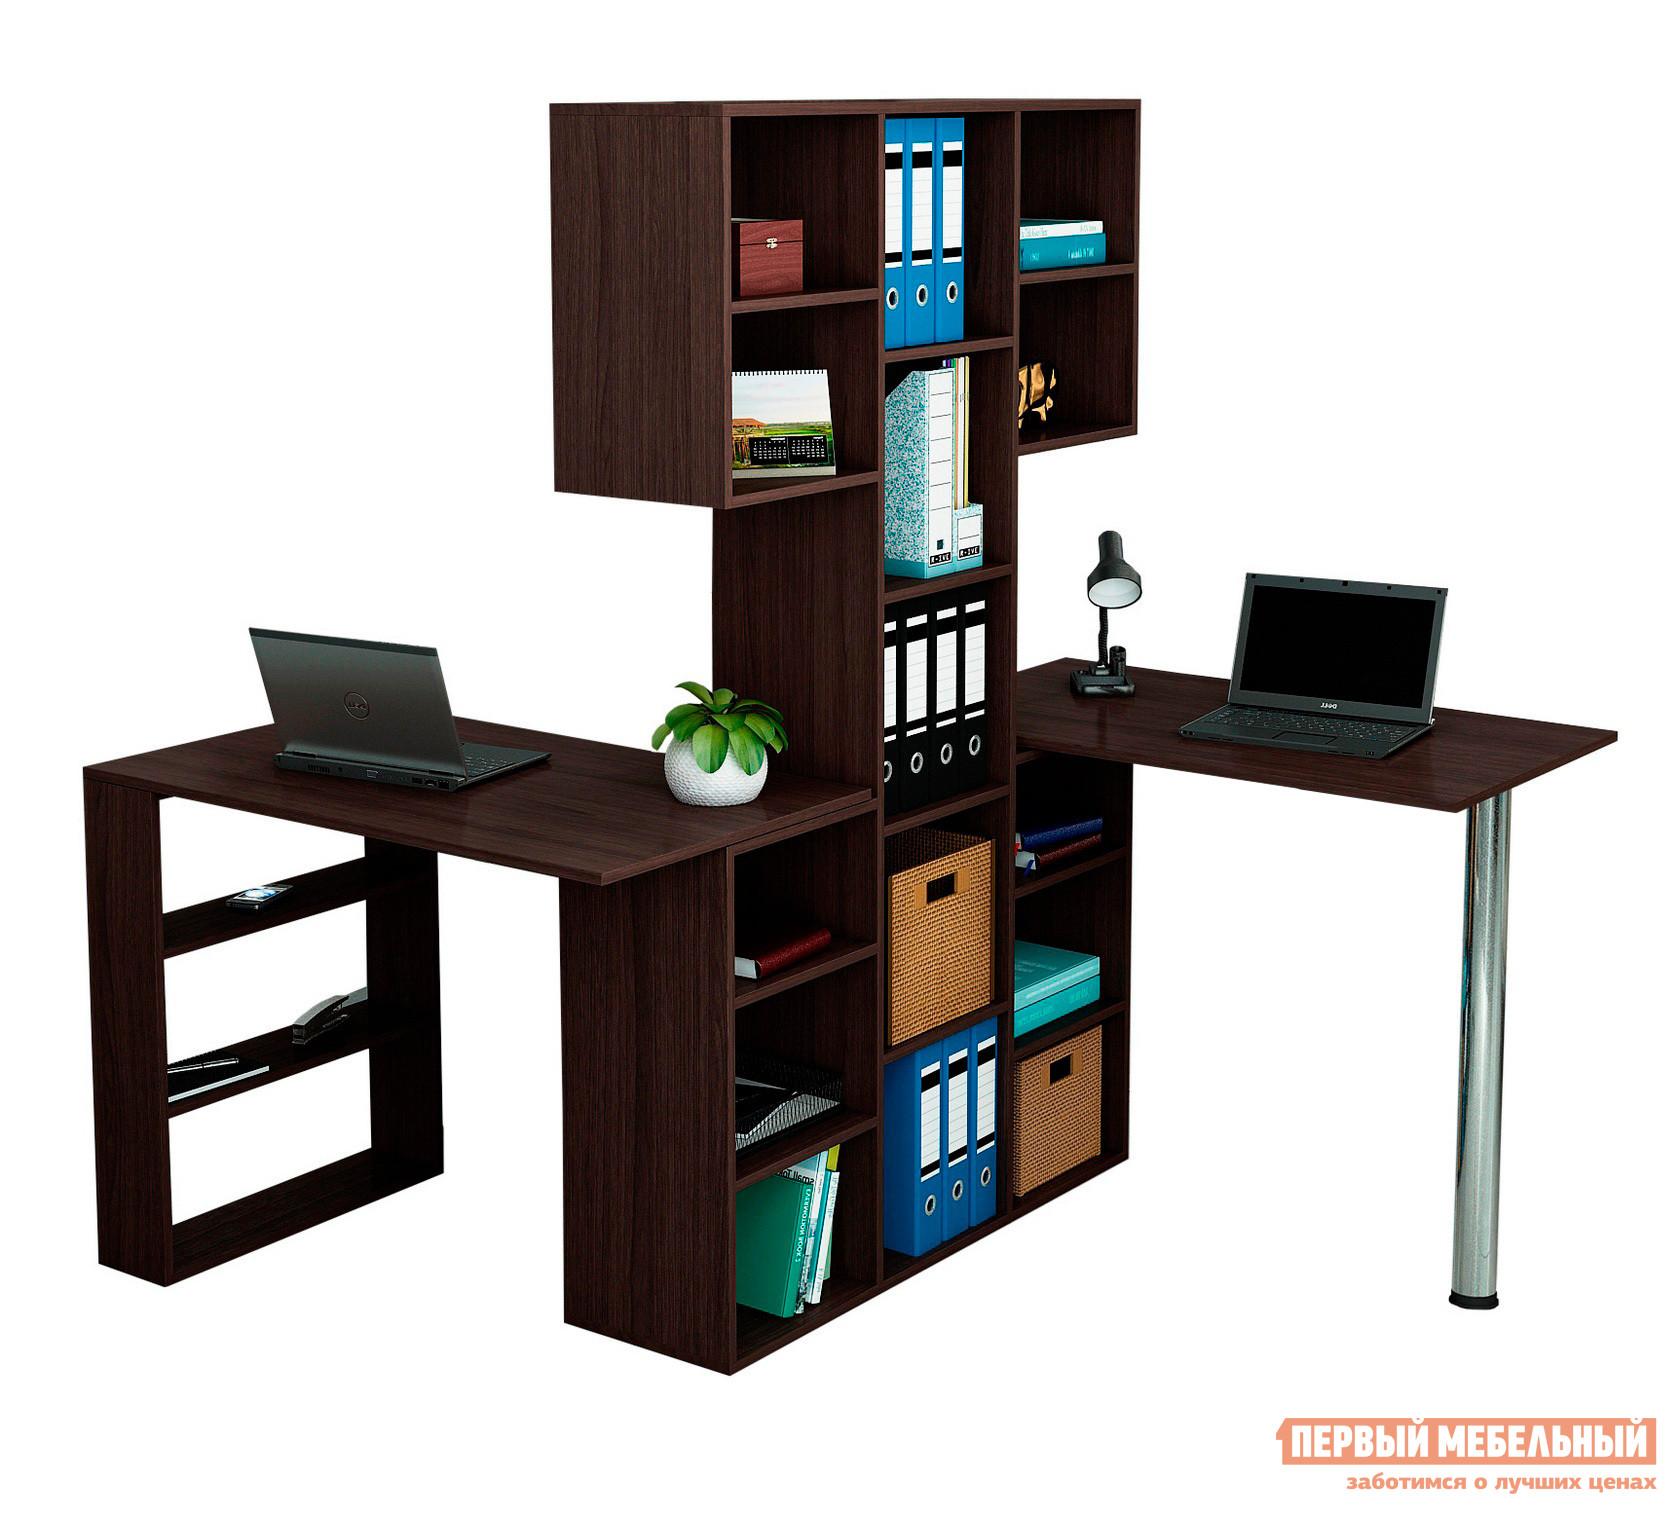 Угловой компьютерный стол МФ Мастер Рикс-3 + Рикс-5 + Рикс-6 компьютерный стол мф мастер корнет 1 угловой